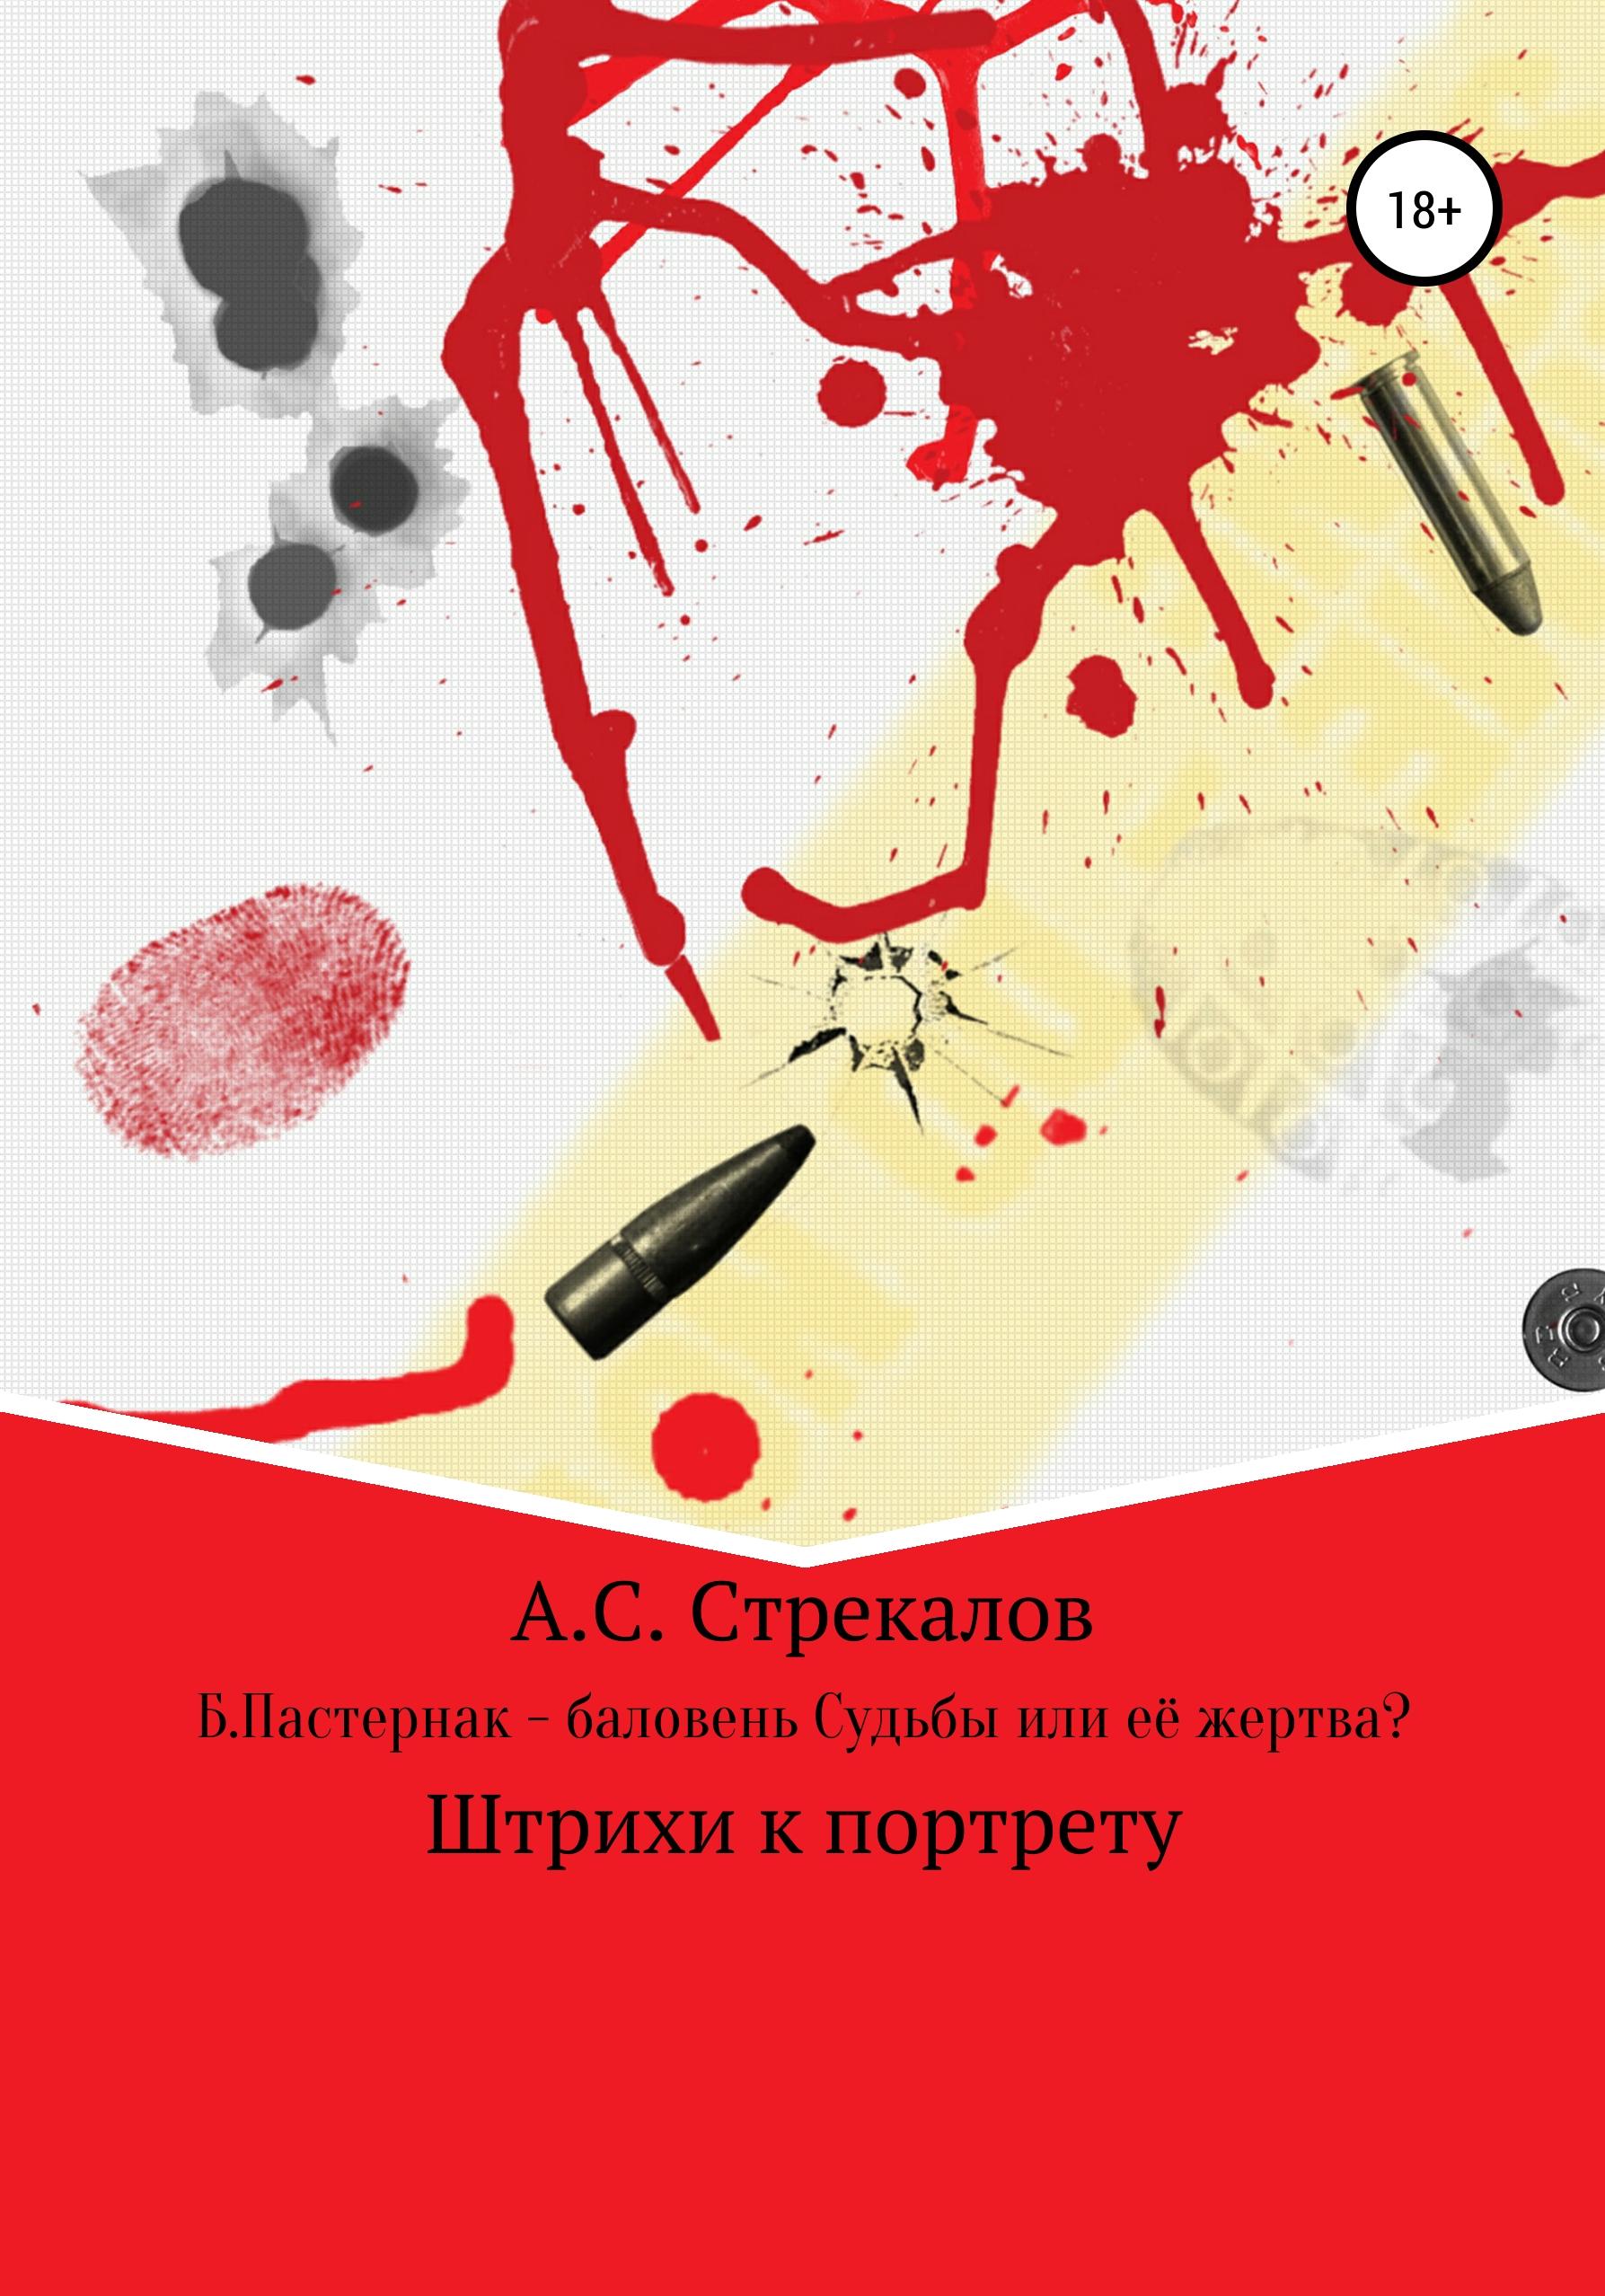 Купить книгу Б. Пастернак – баловень Судьбы или её жертва?, автора Александра Сергеевича Стрекалова